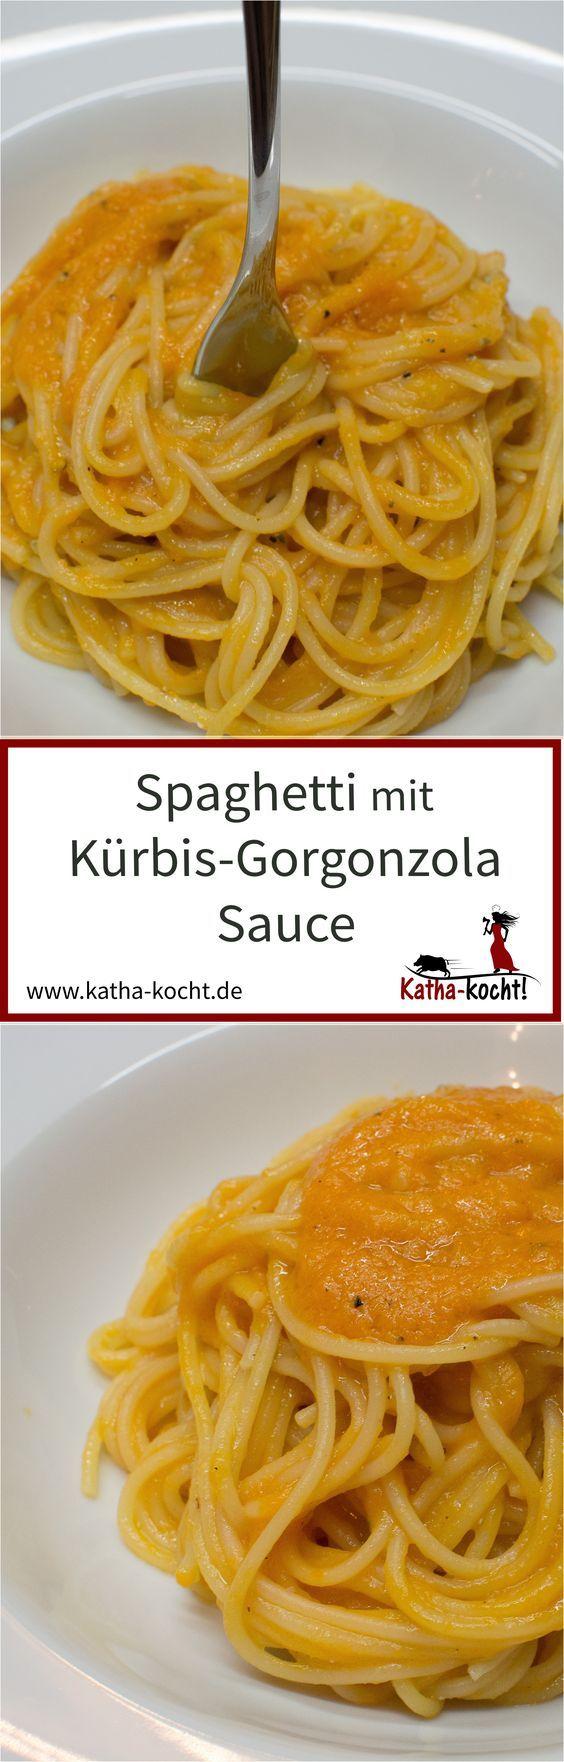 Diese Spaghetti kommen mit einer wahnsinnig kräftigen, würzigen Kürbis-Gorgonzola Sauce auf den Teller. Durch den Kürbis hat das Ganze aber gleichzeitig eine feine, süßliche Note. Das Rezept für diese leckere Pasta gibt es auf katha-kocht!